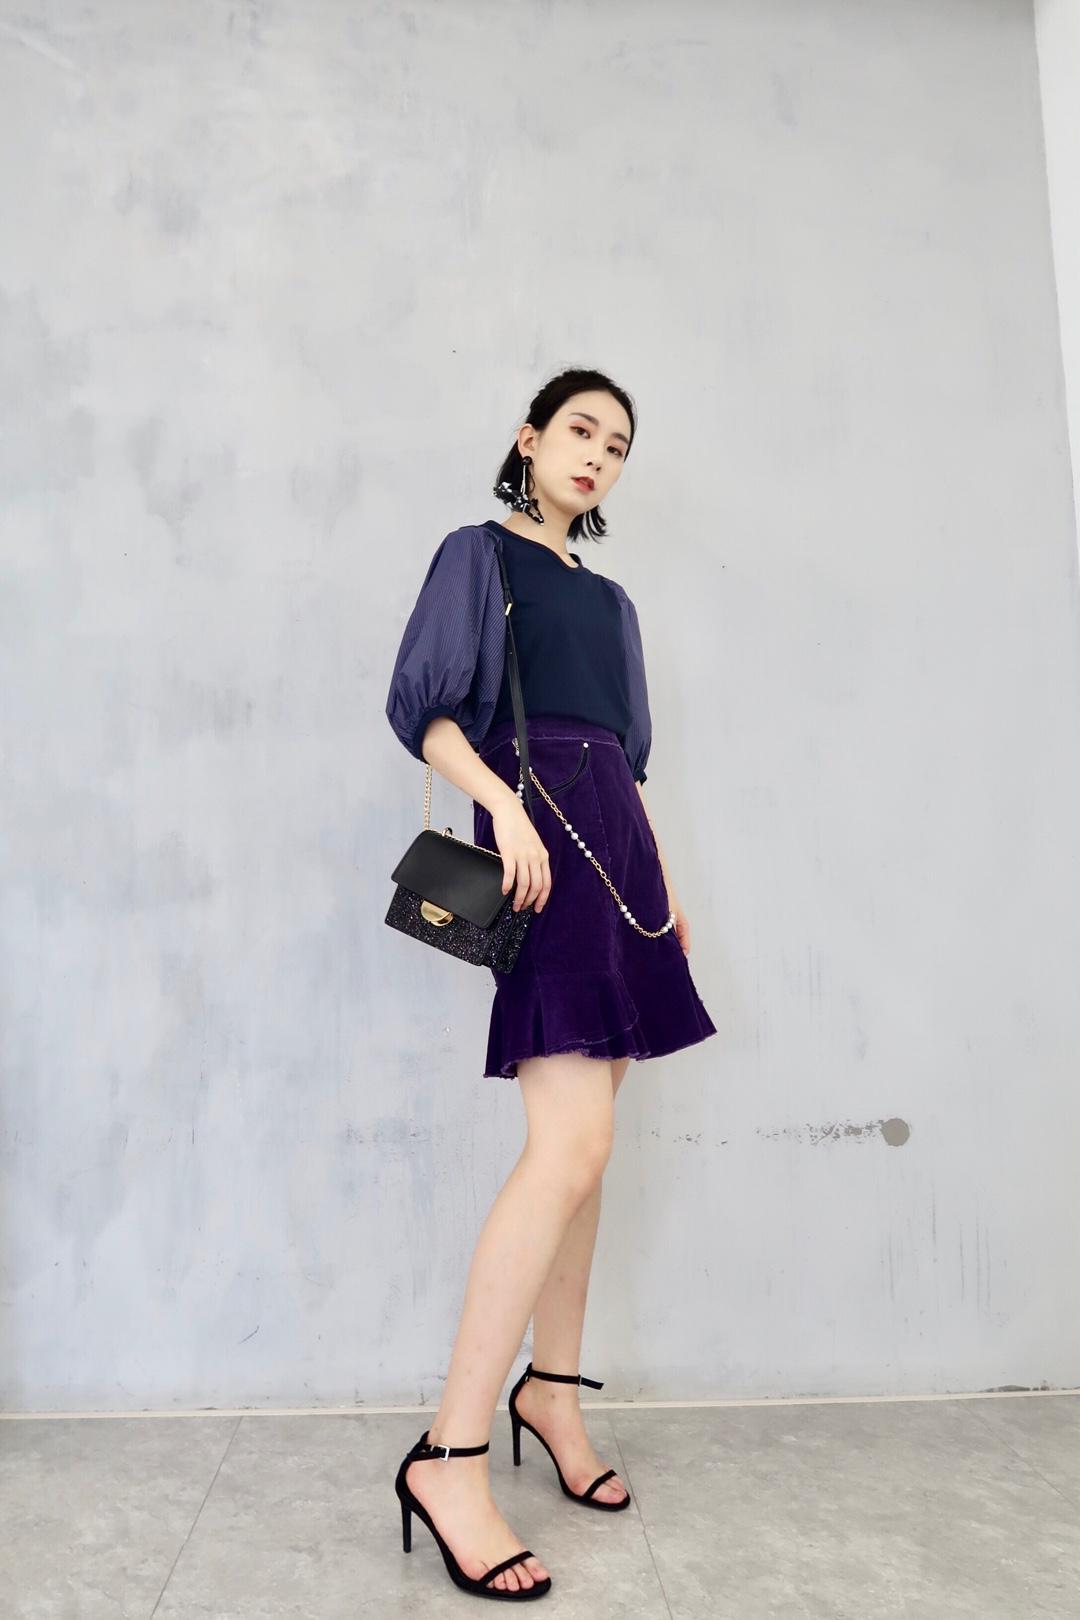 #韩系小姐姐这样穿不出错# 好韩的一套look 紫色系相当亮眼 化身有钱人家的腹黑千金 灯笼袖设计感很强 超级能遮肉 最爱短裙的灯芯绒面料 相当舒服特别哟